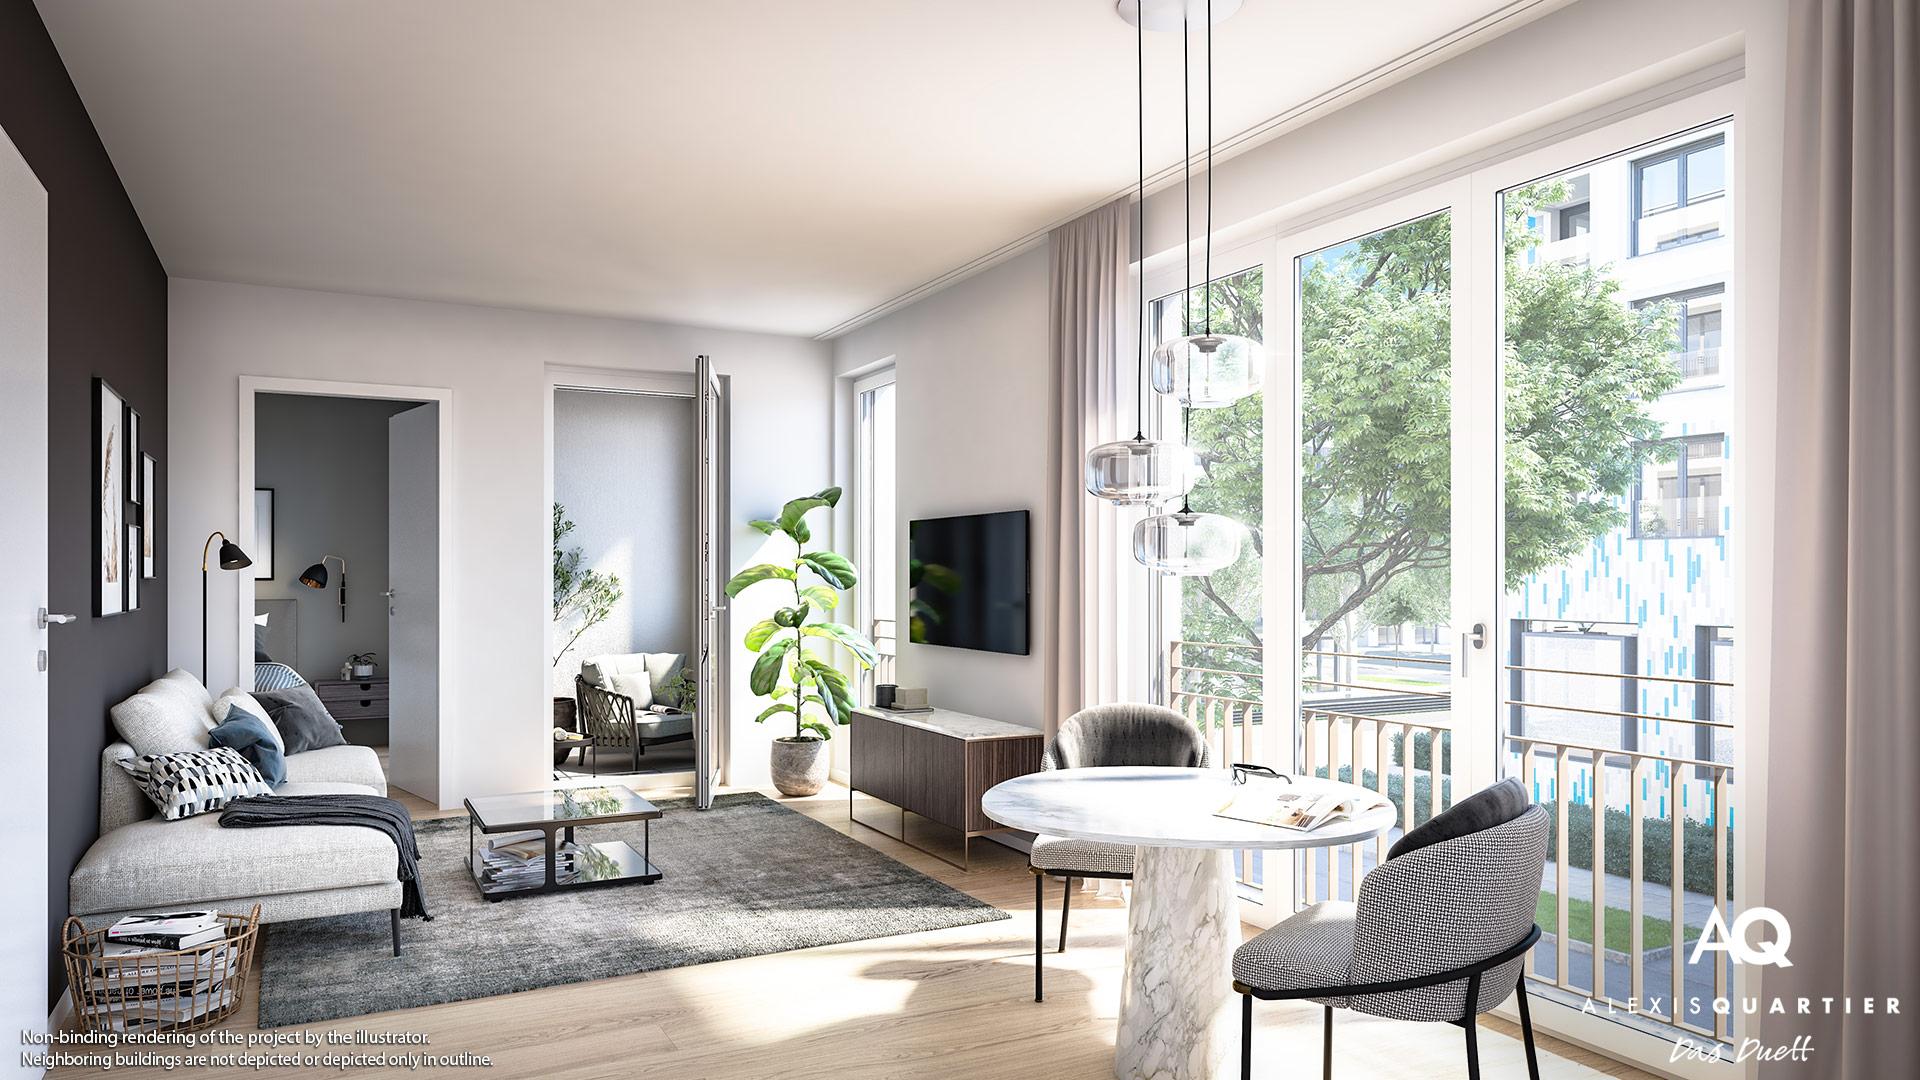 Condominiums Alexisquartier - Das Duett - Illustration 8